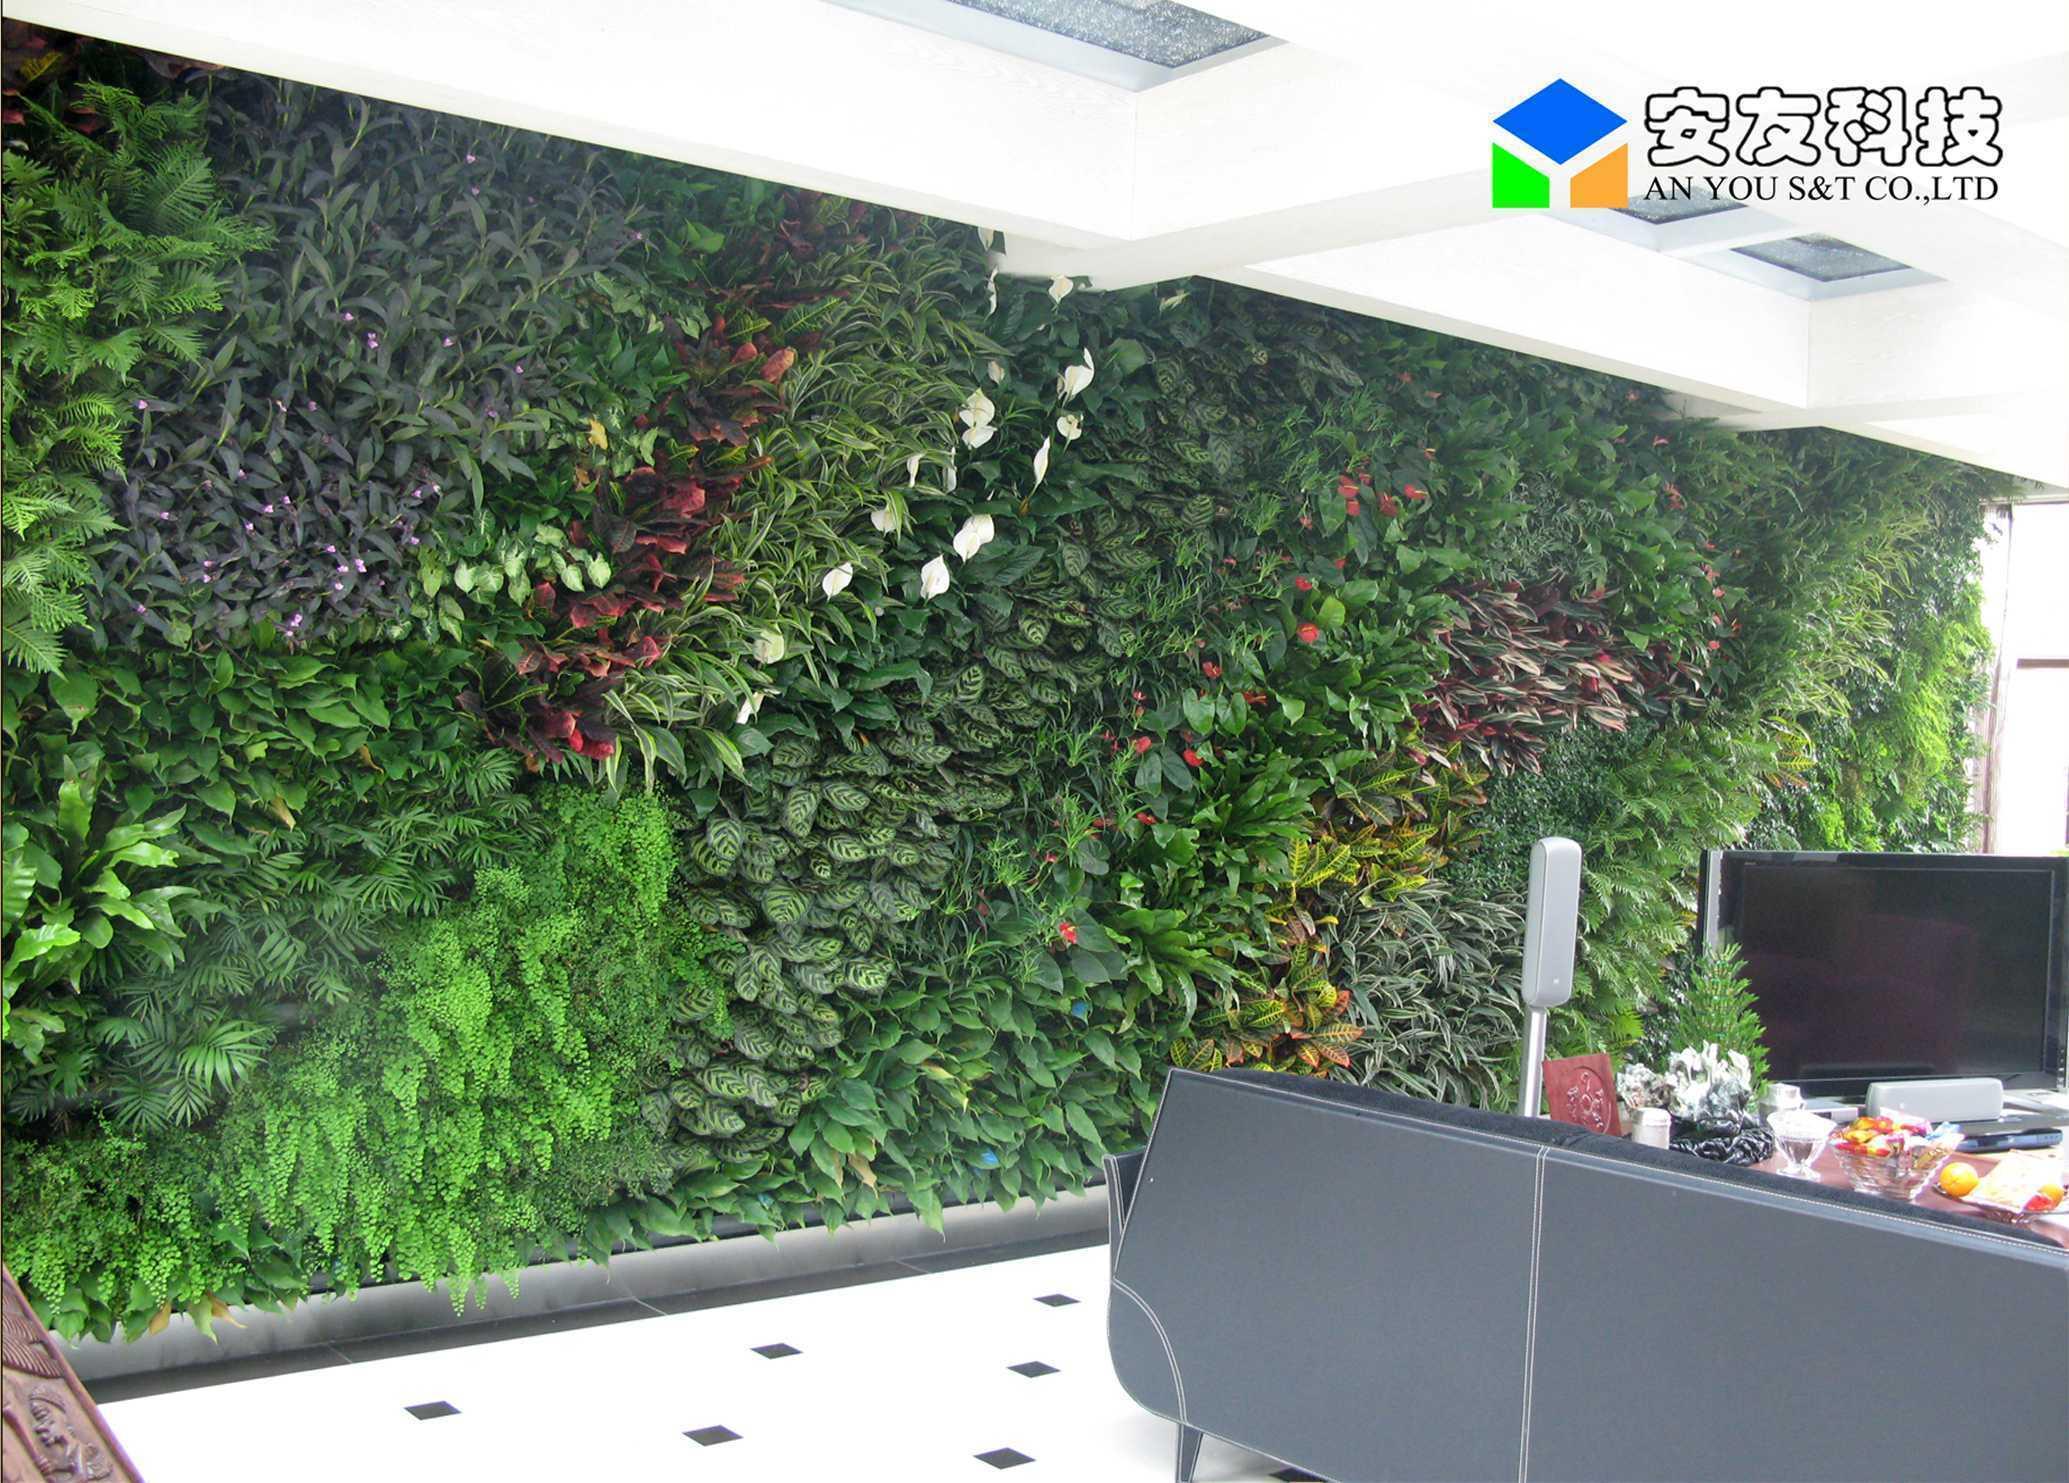 室内绿化-墙面绿化|垂直绿化|高架桥绿化|武汉市安友